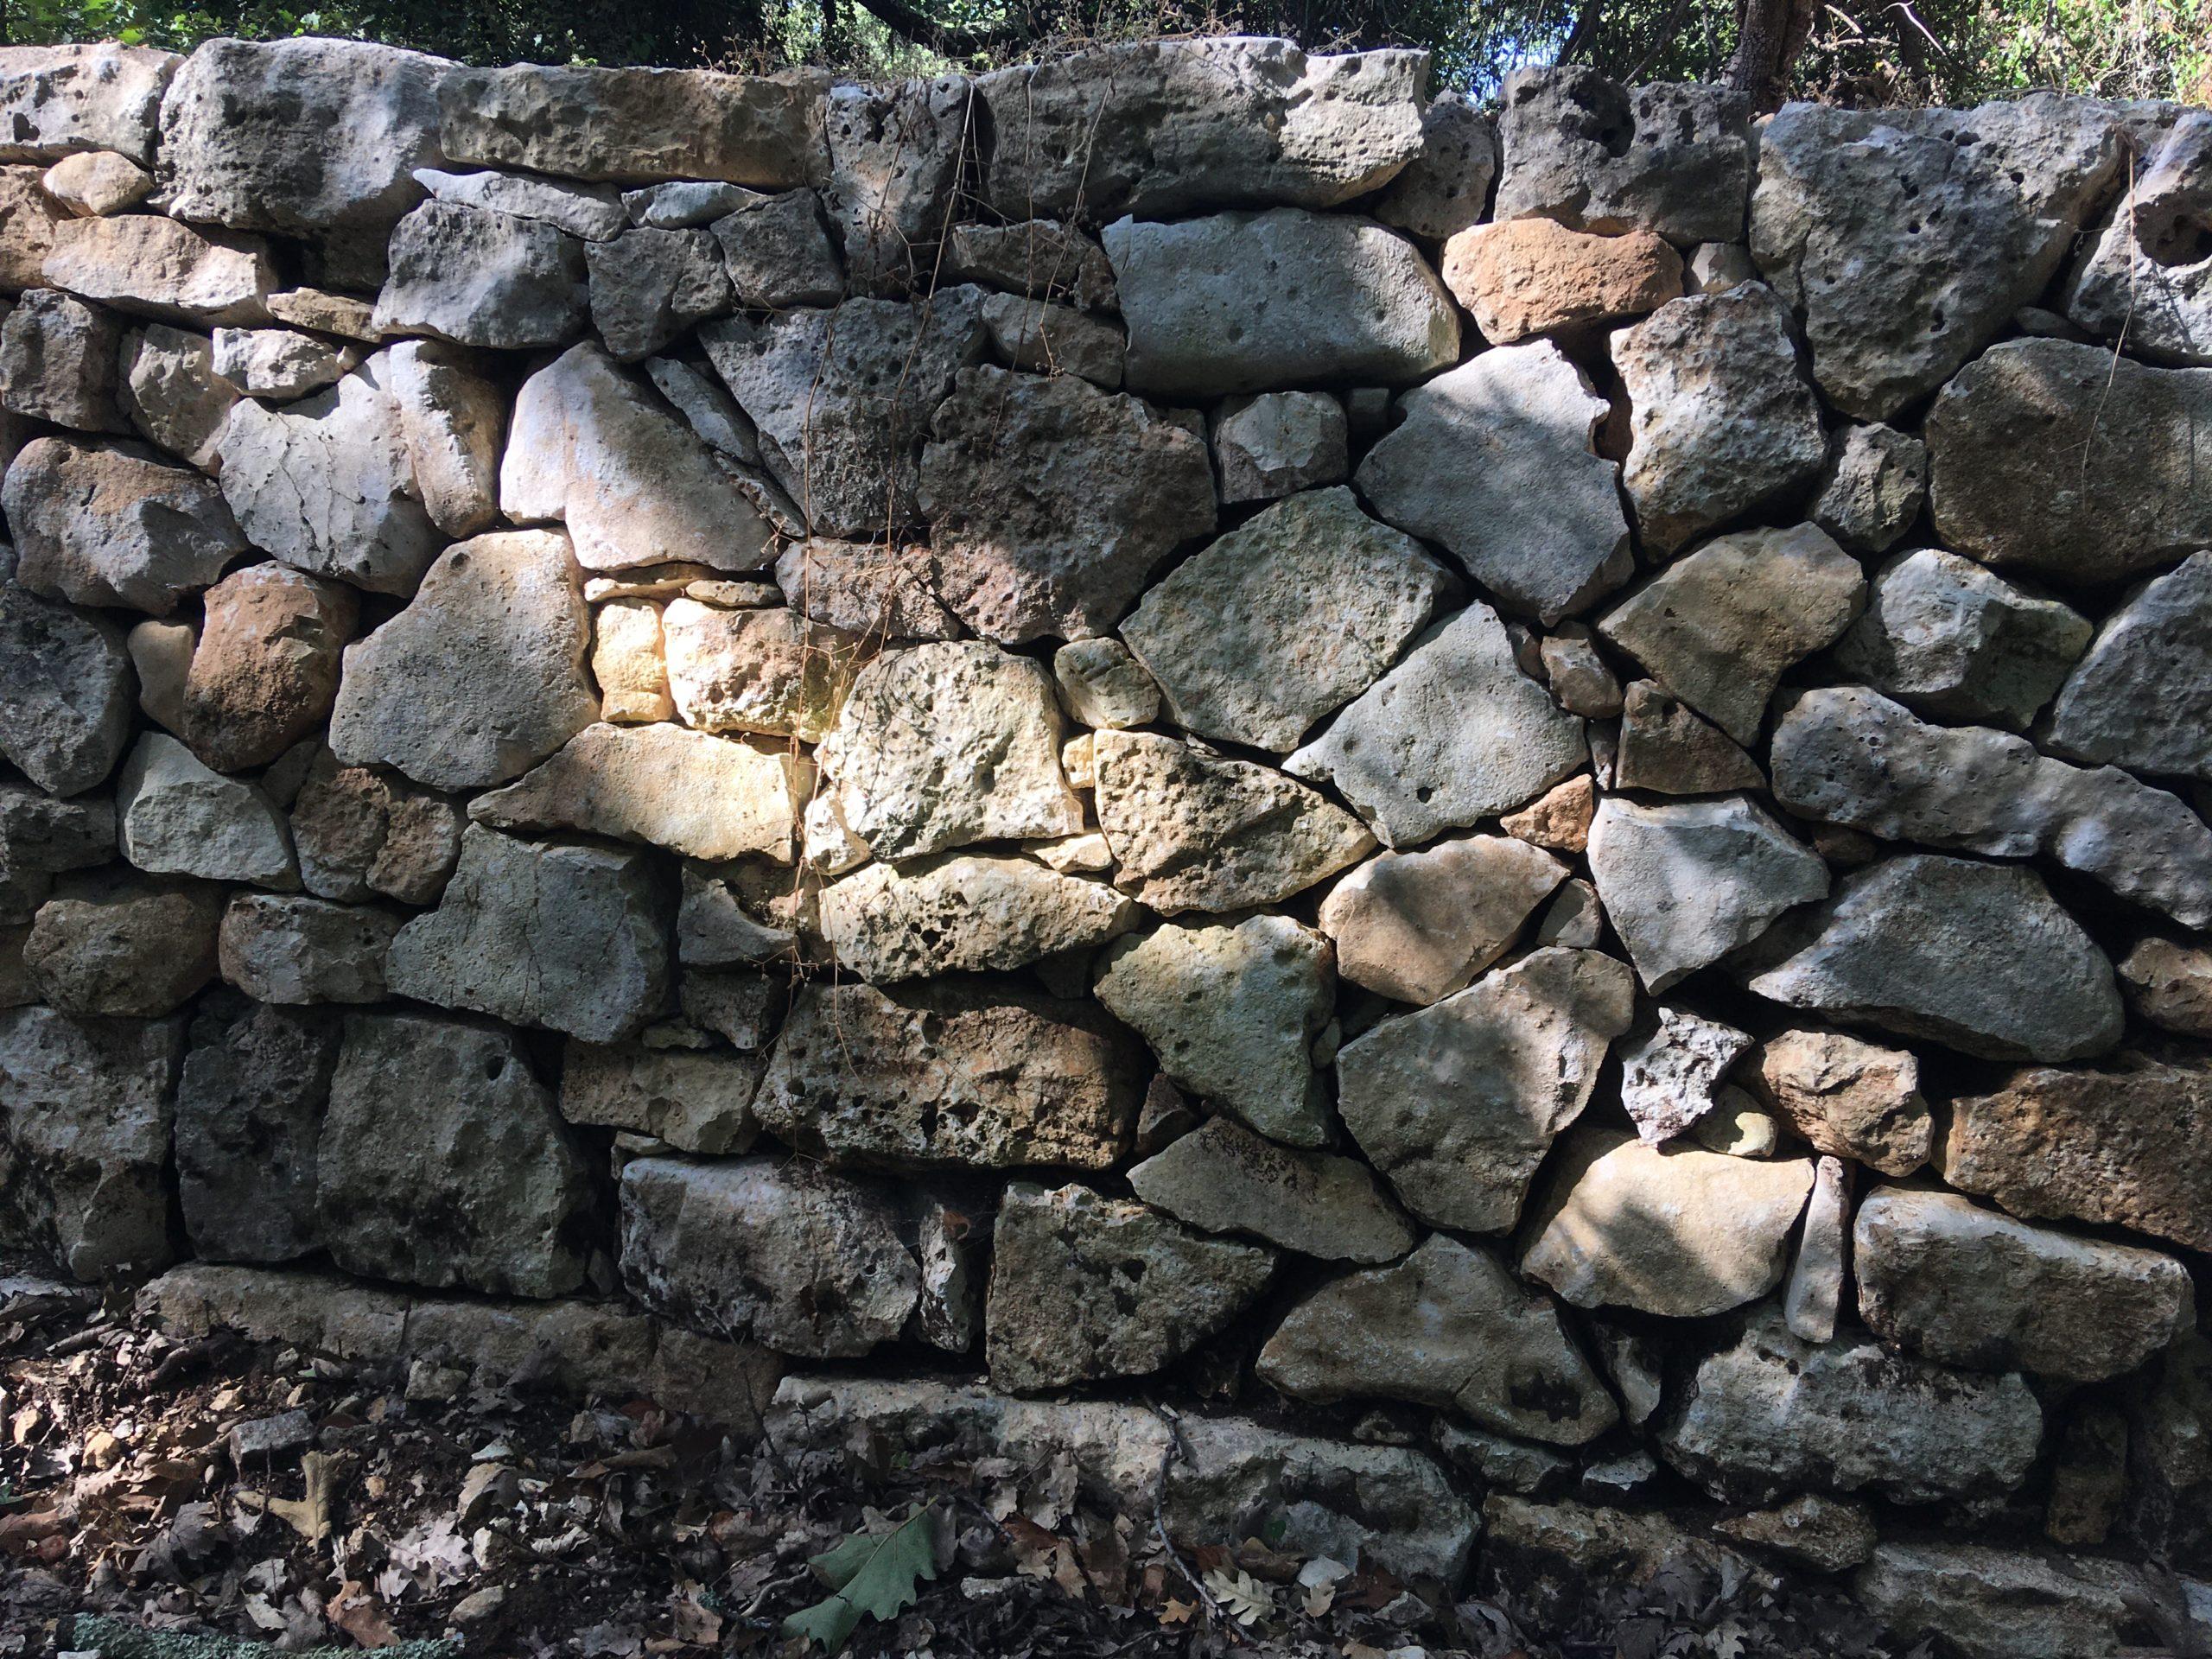 Chantier pierre sèche : Mur en opus incertum – Février-Octobre 2019